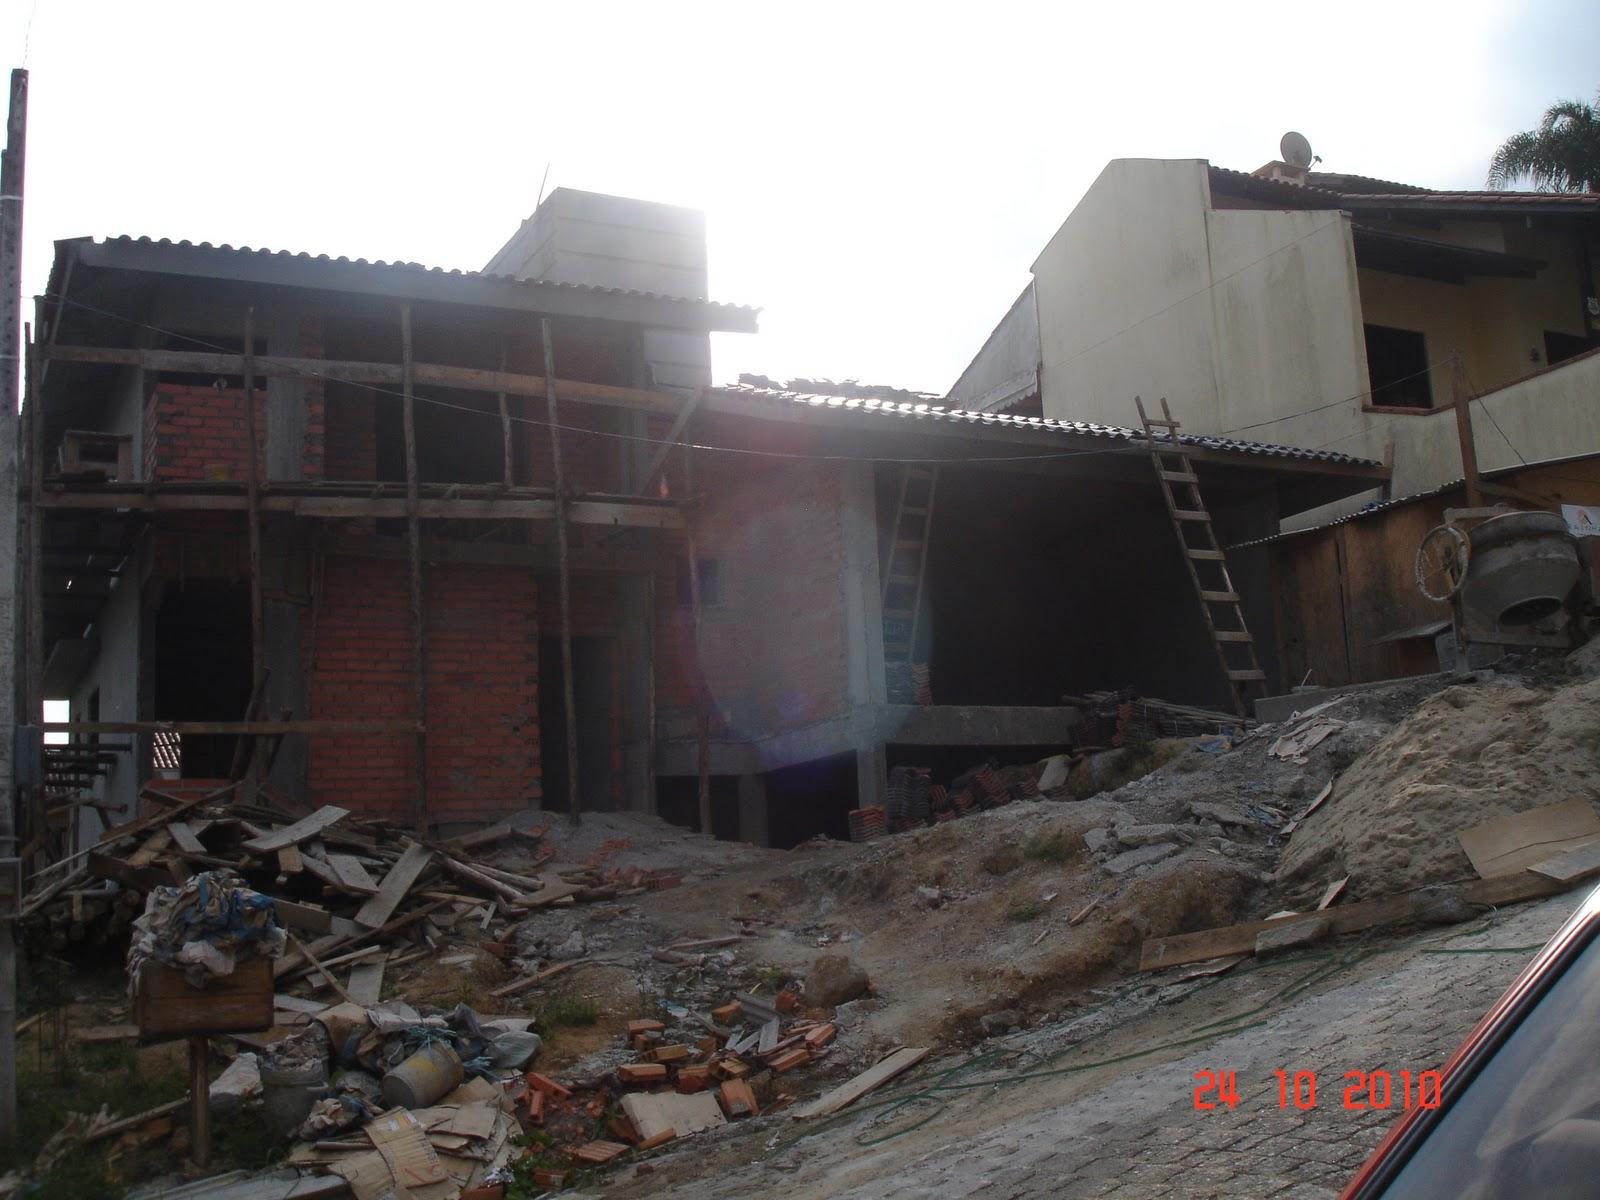 Nossa Casa no Site Construção da fundação ao acabamento: Fotos  #A43427 1600 1200